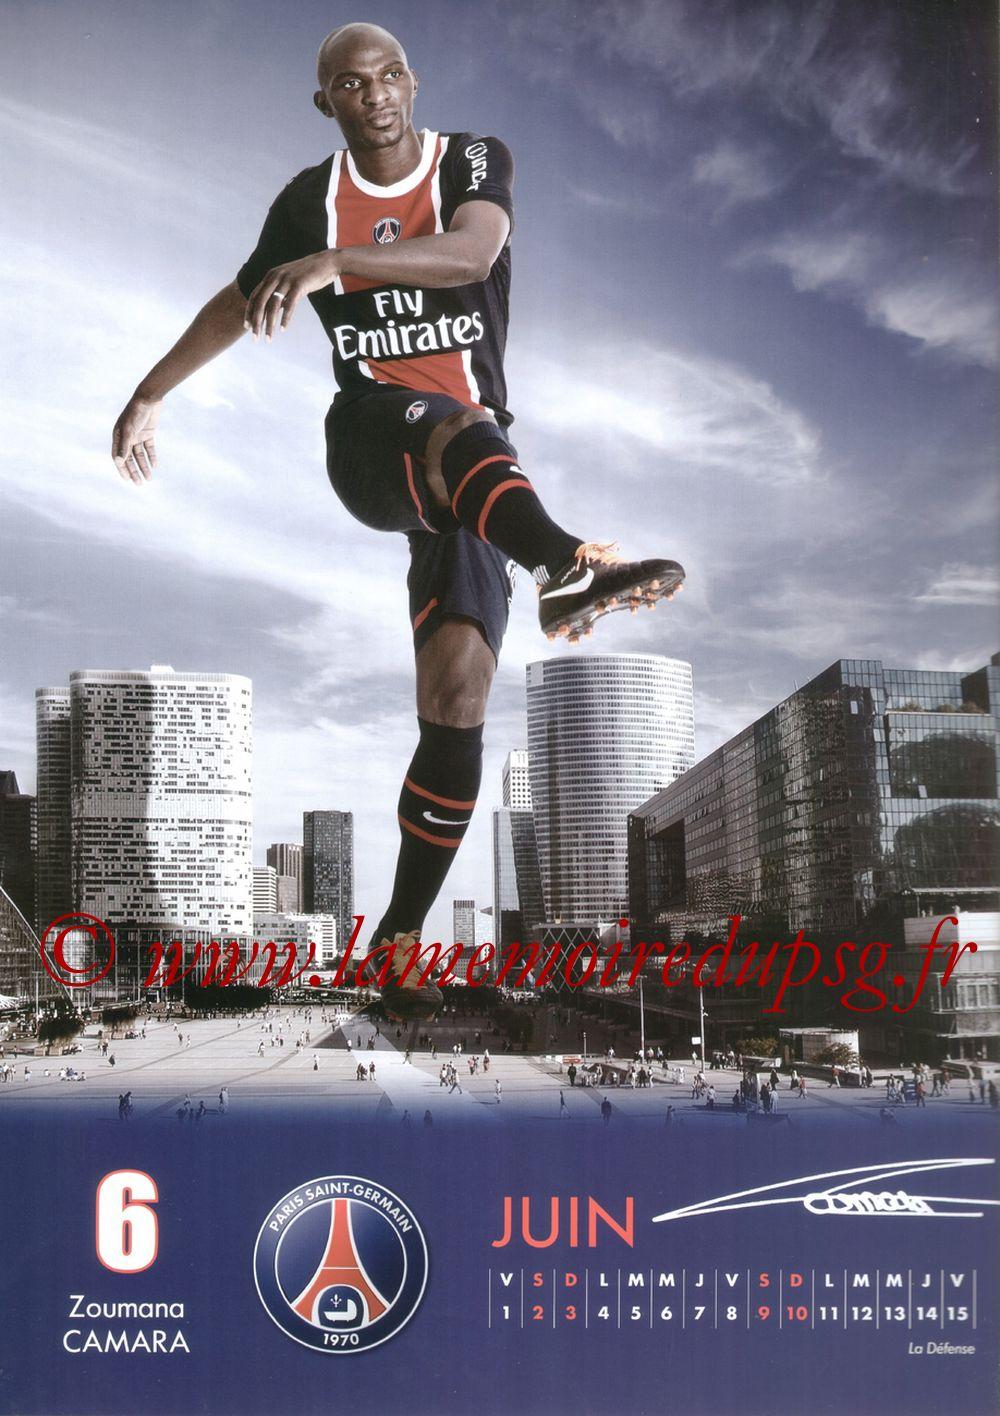 Calendrier PSG 2012 - Page 11 - Zoumana CAMARA